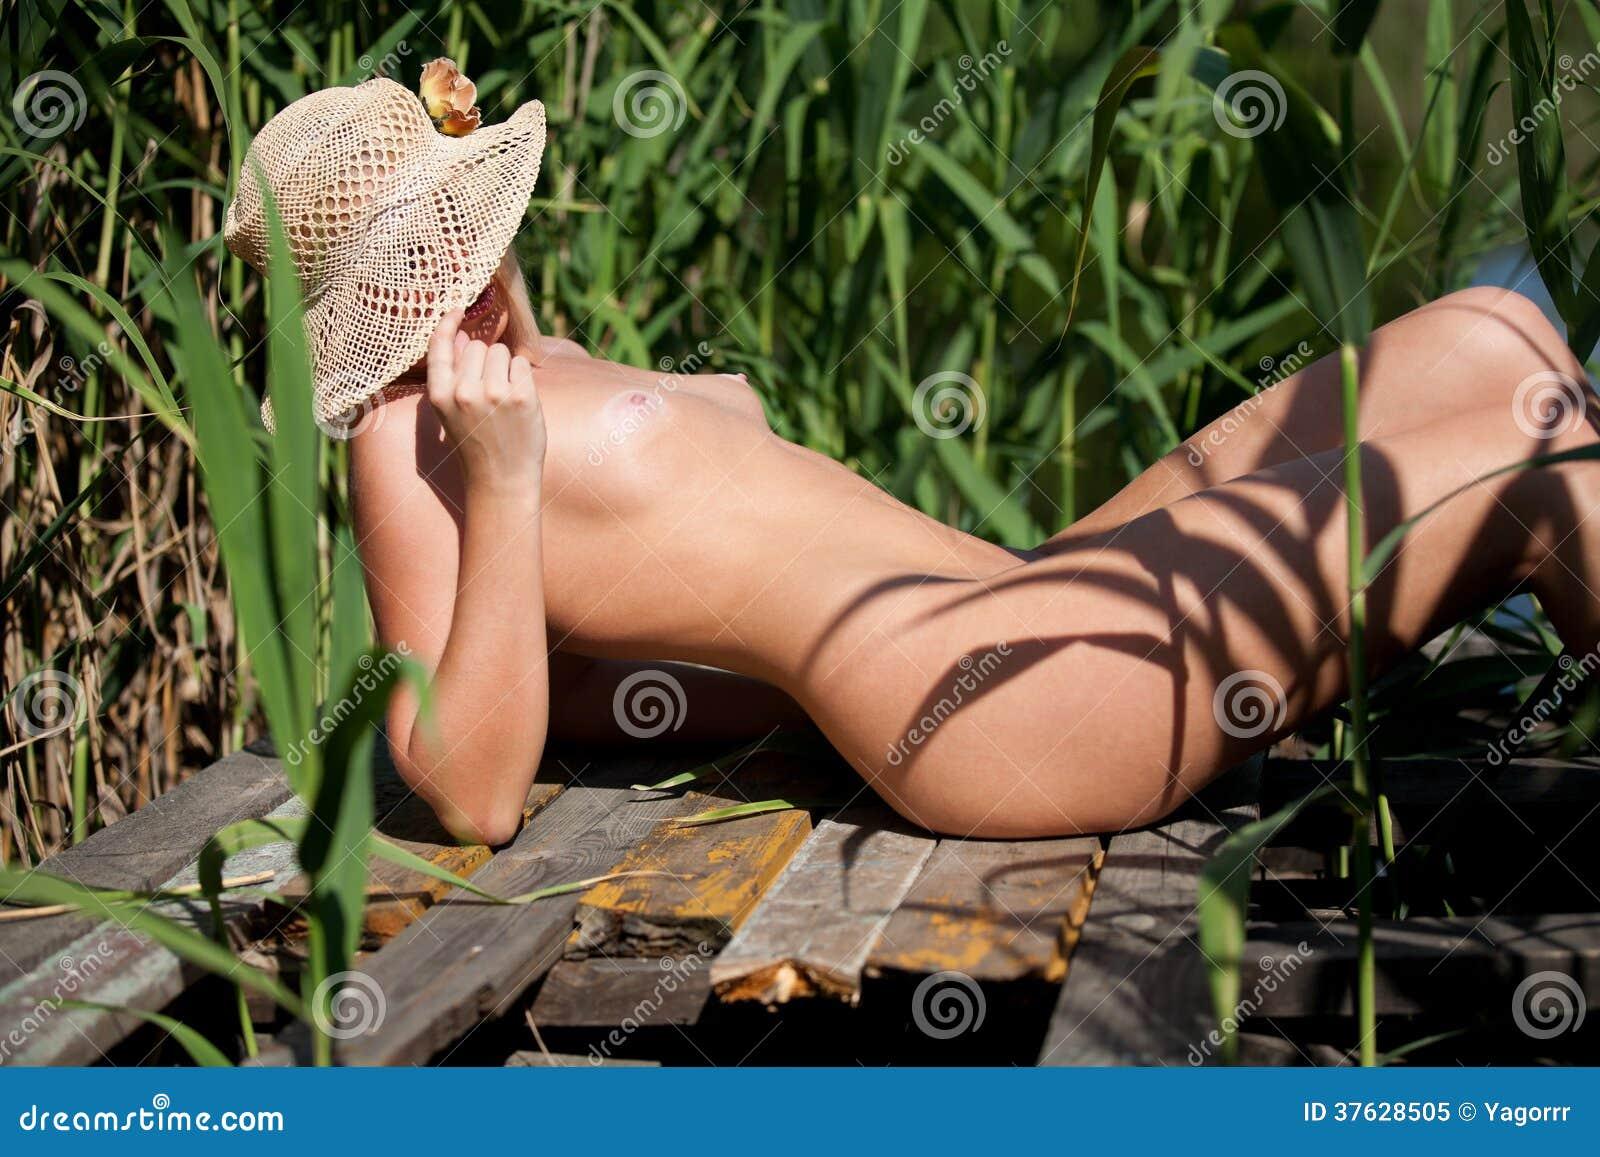 fri ledsagare naken i Södertälje